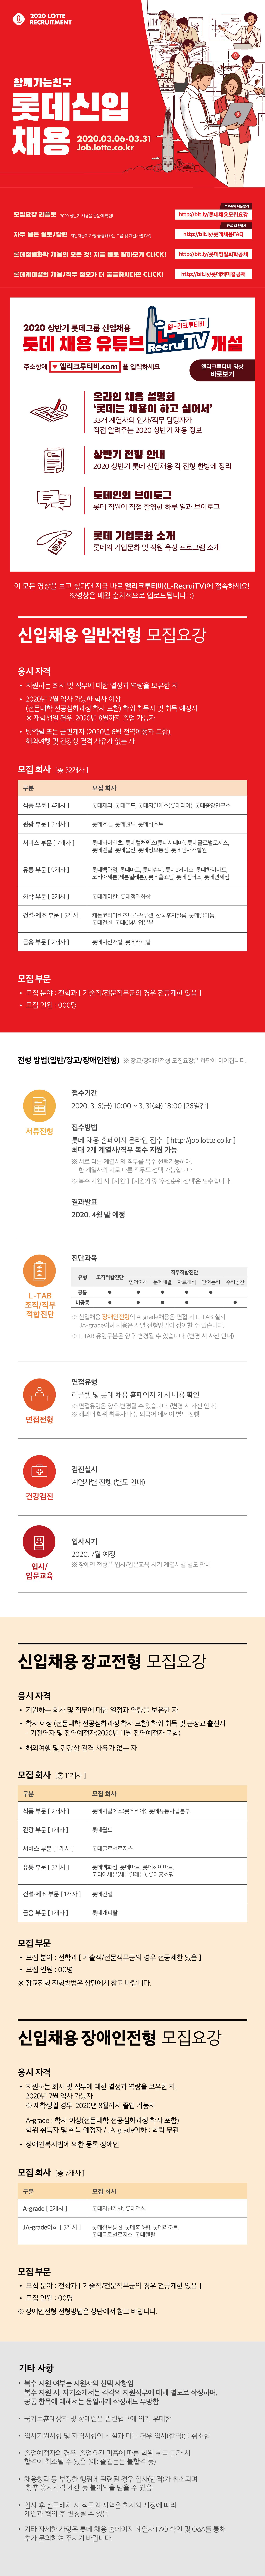 롯데그룹_2020_채용 web.jpg